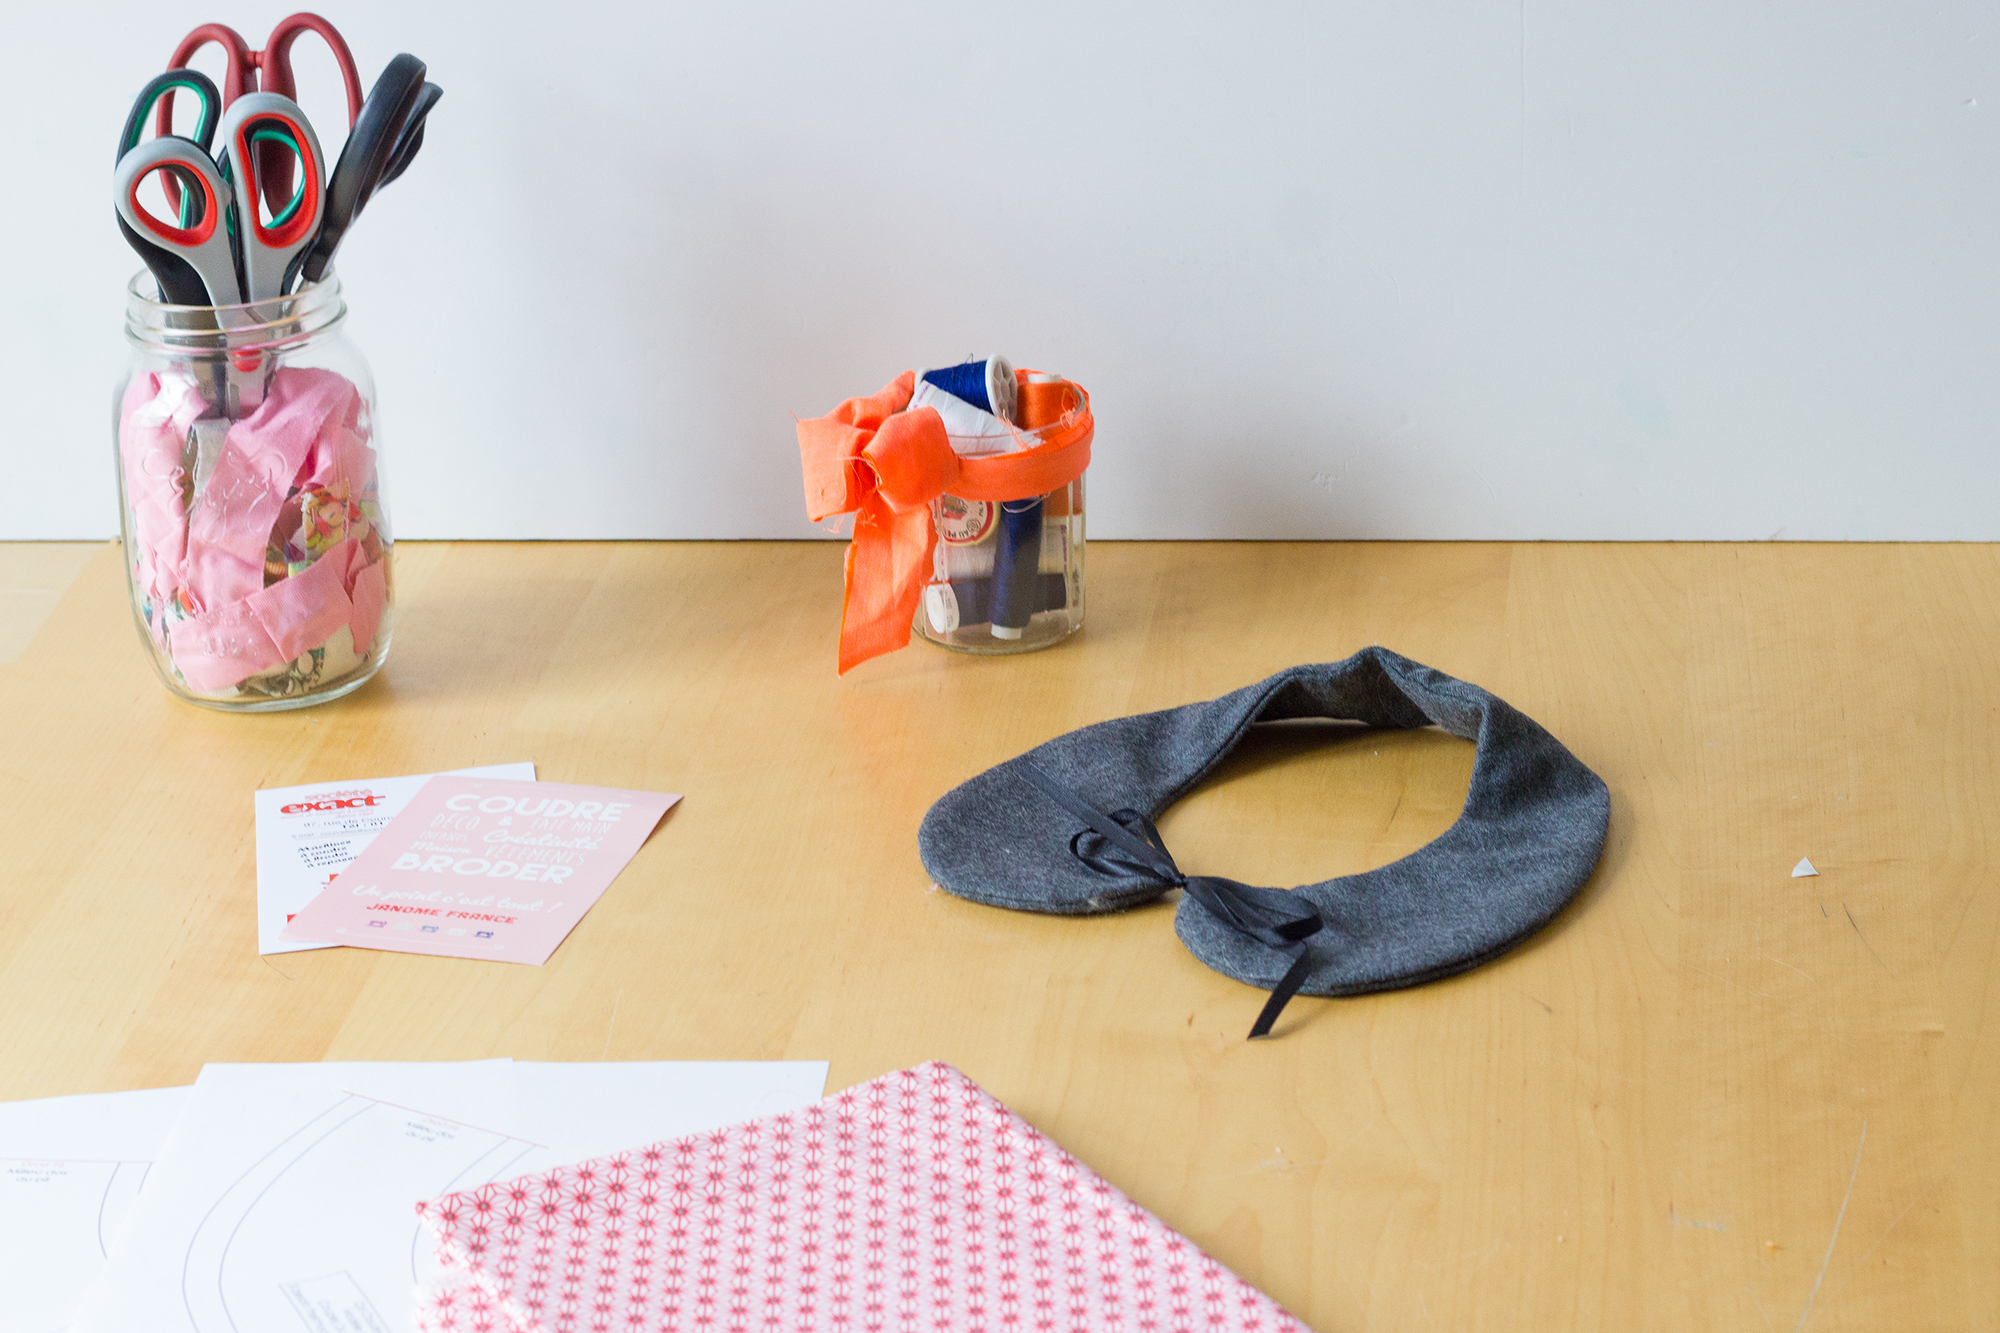 quels projets facile pour démarrer la couture - mes conseils couture débutant